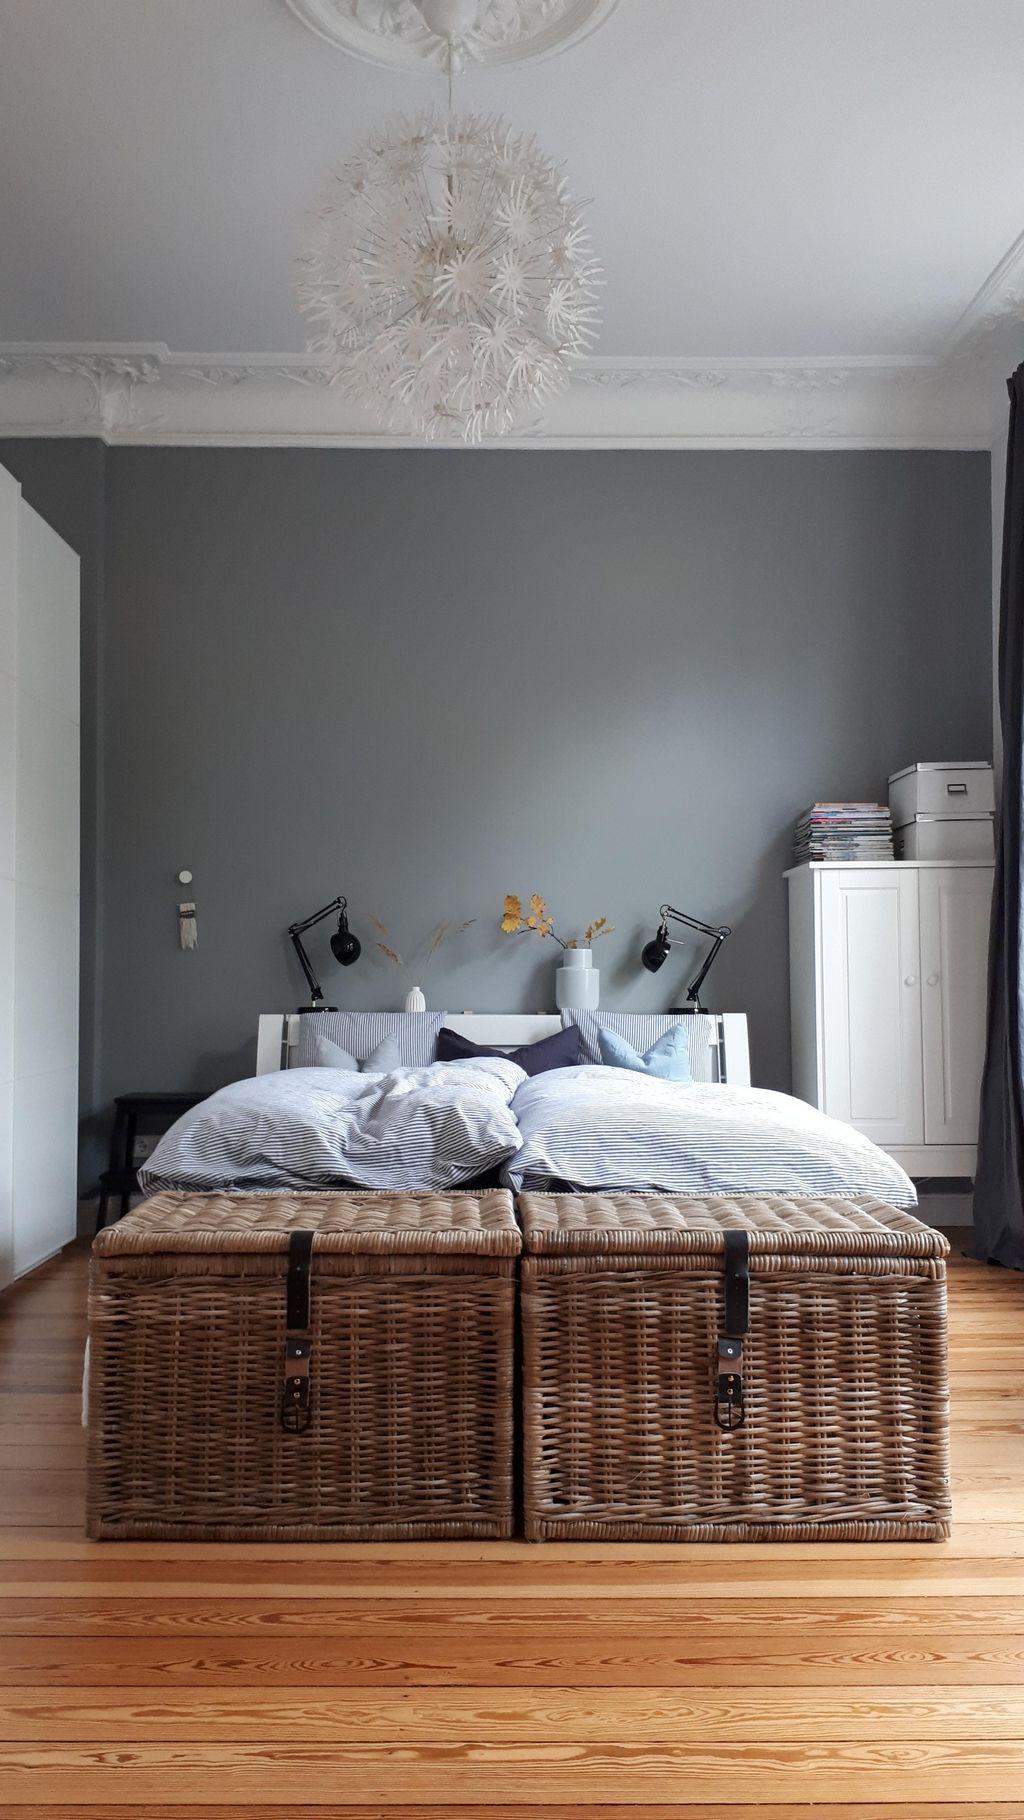 Herbstliches Schlafzimmer Herbst Schlafzimmer In 2020 Altbau Schlafzimmer Graues Schlafzimmer Schlafzimmer